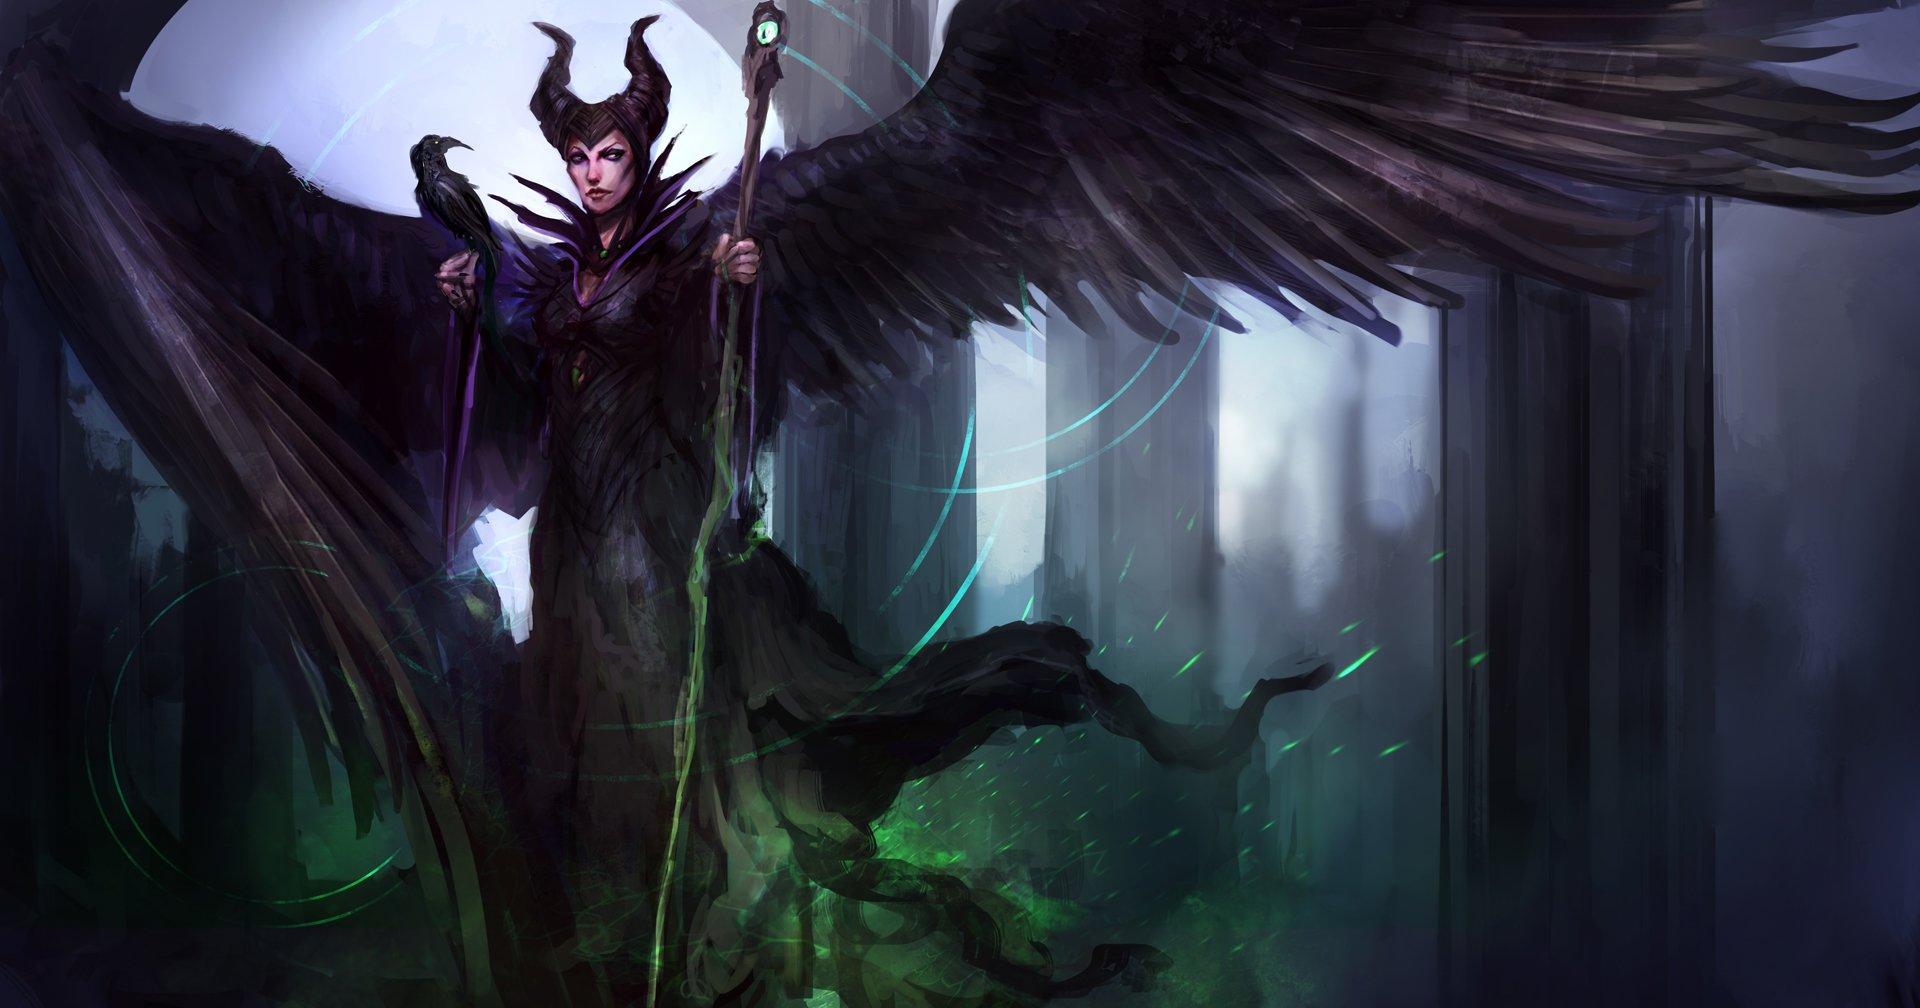 Papel De Parede 1920x1008 Px Desenho Animado Maleficente A